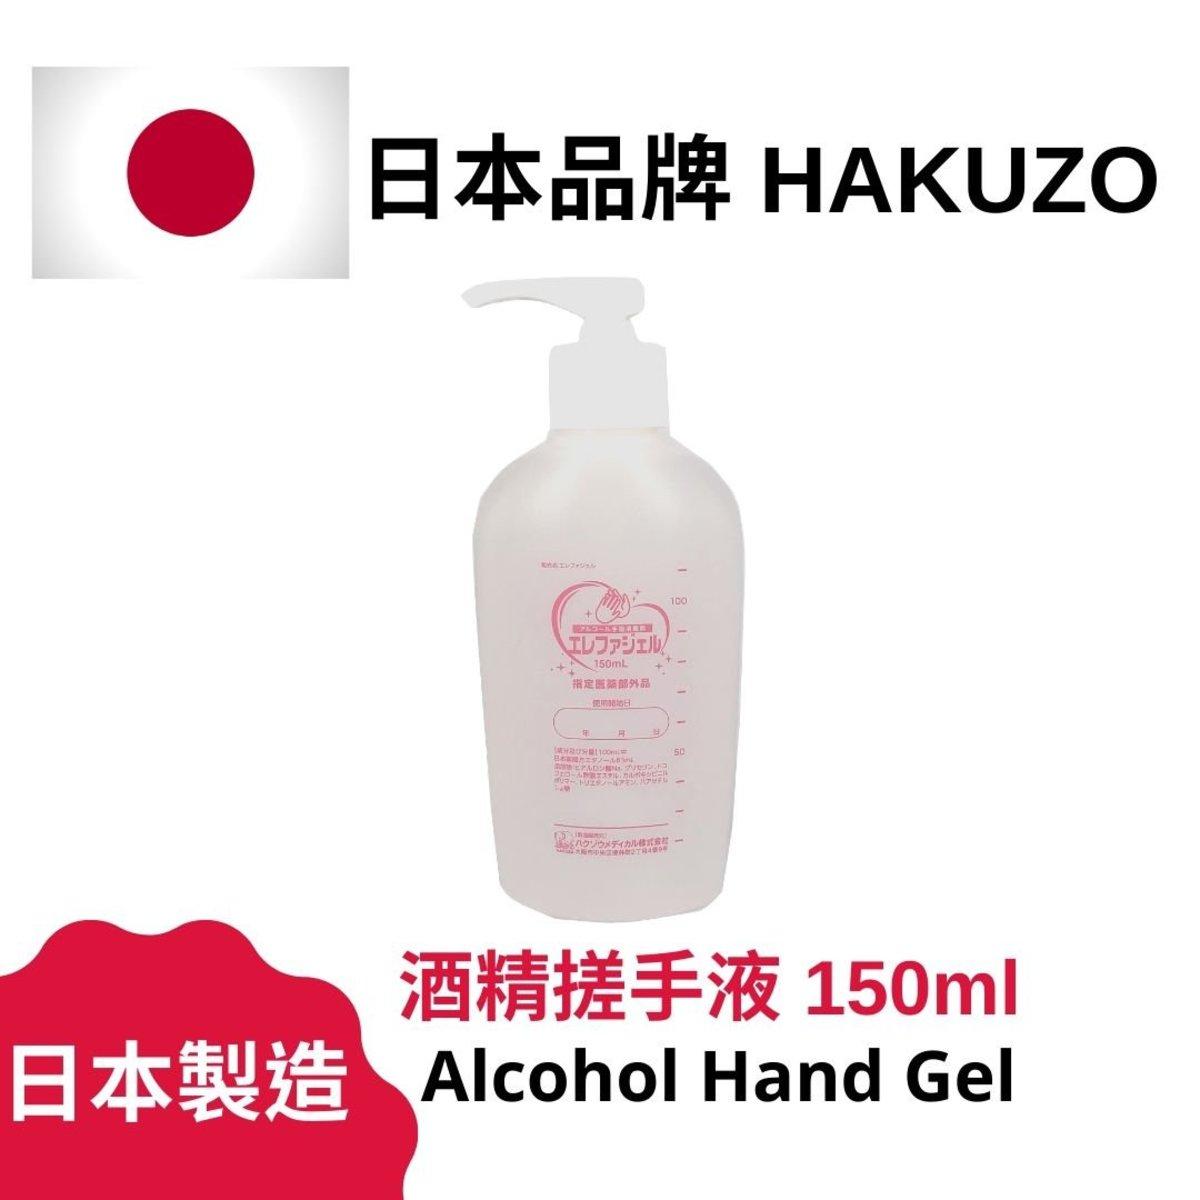 日本酒精搓手液 150ml